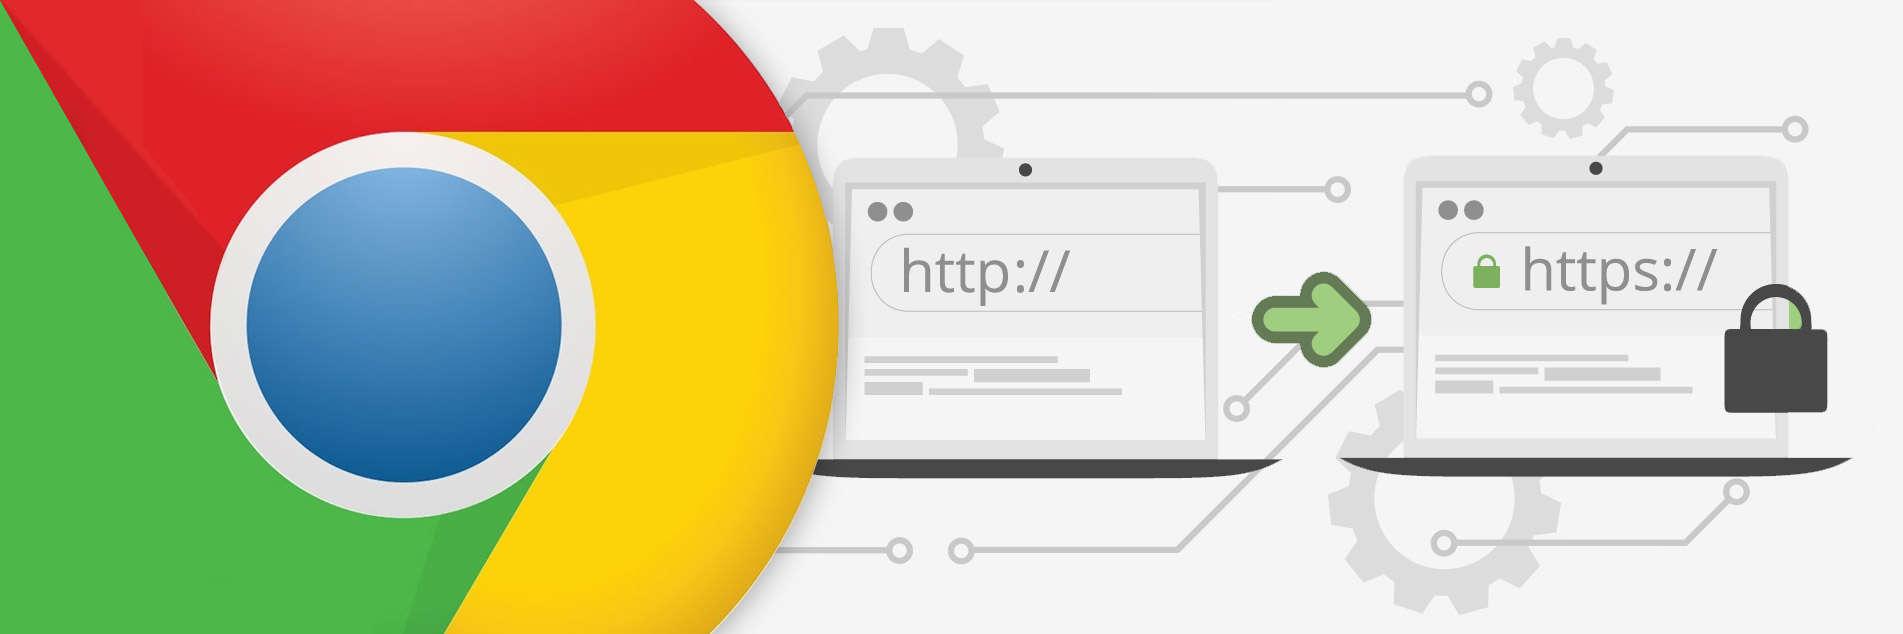 Google Chrome: da luglio tutti i siti HTTP segnalati come non sicuri